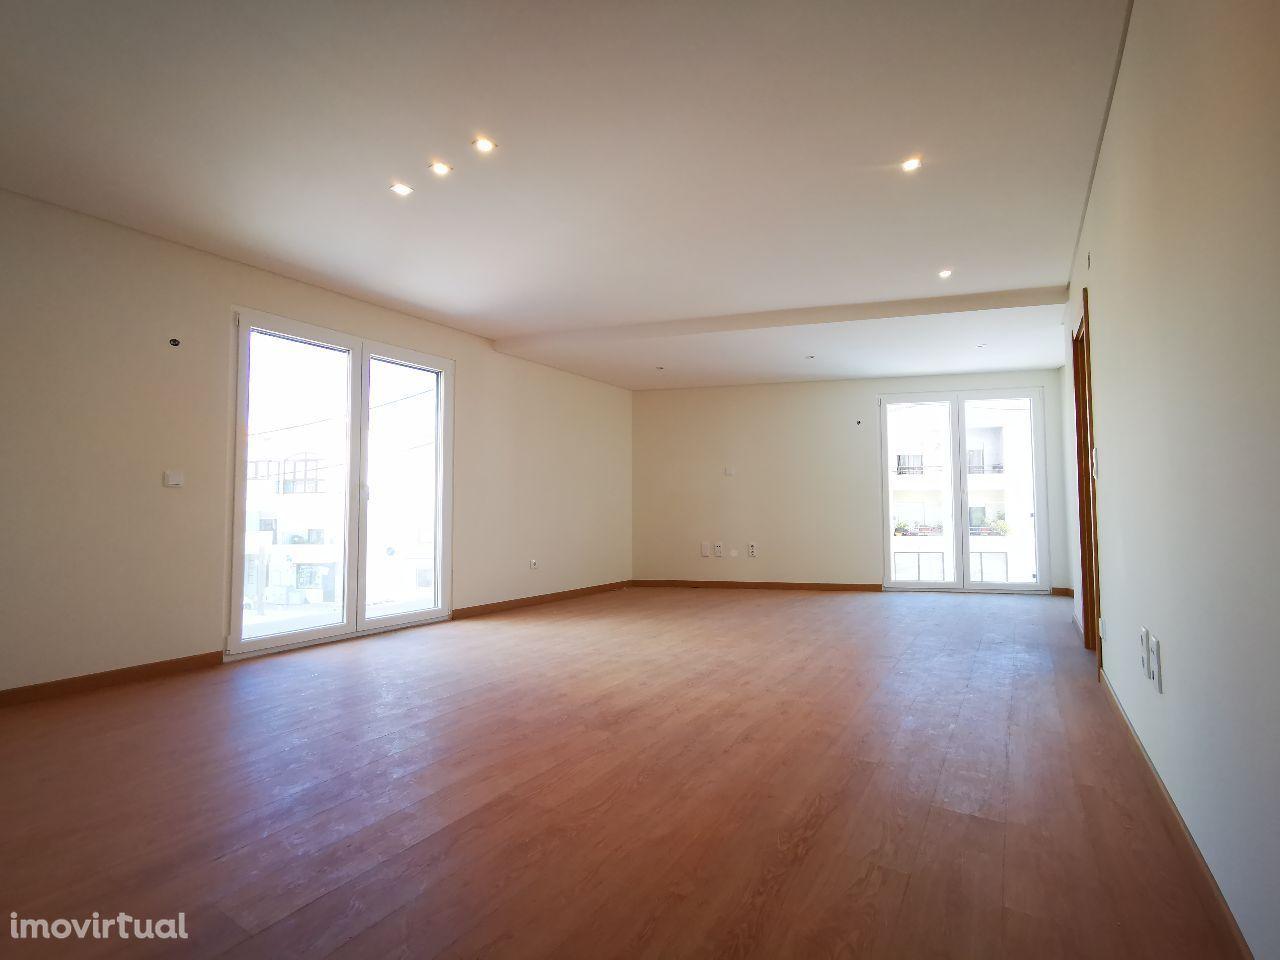 Apartamento T2 / Novo com Garagem em zona nobre / 35 min de Lisboa